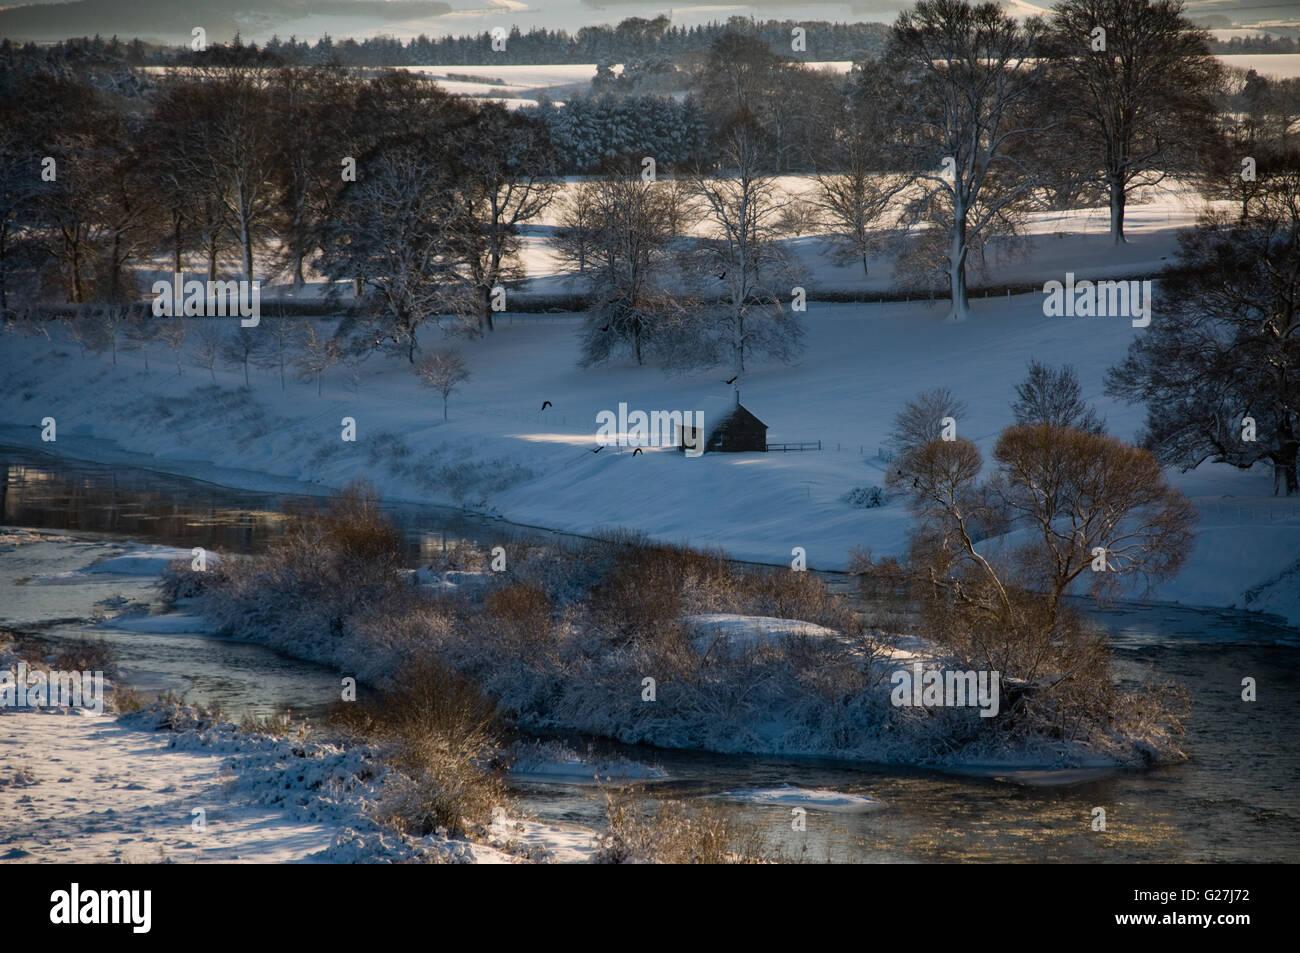 Westford Shiel sur le cours inférieur de la rivière Tweed Photo Stock